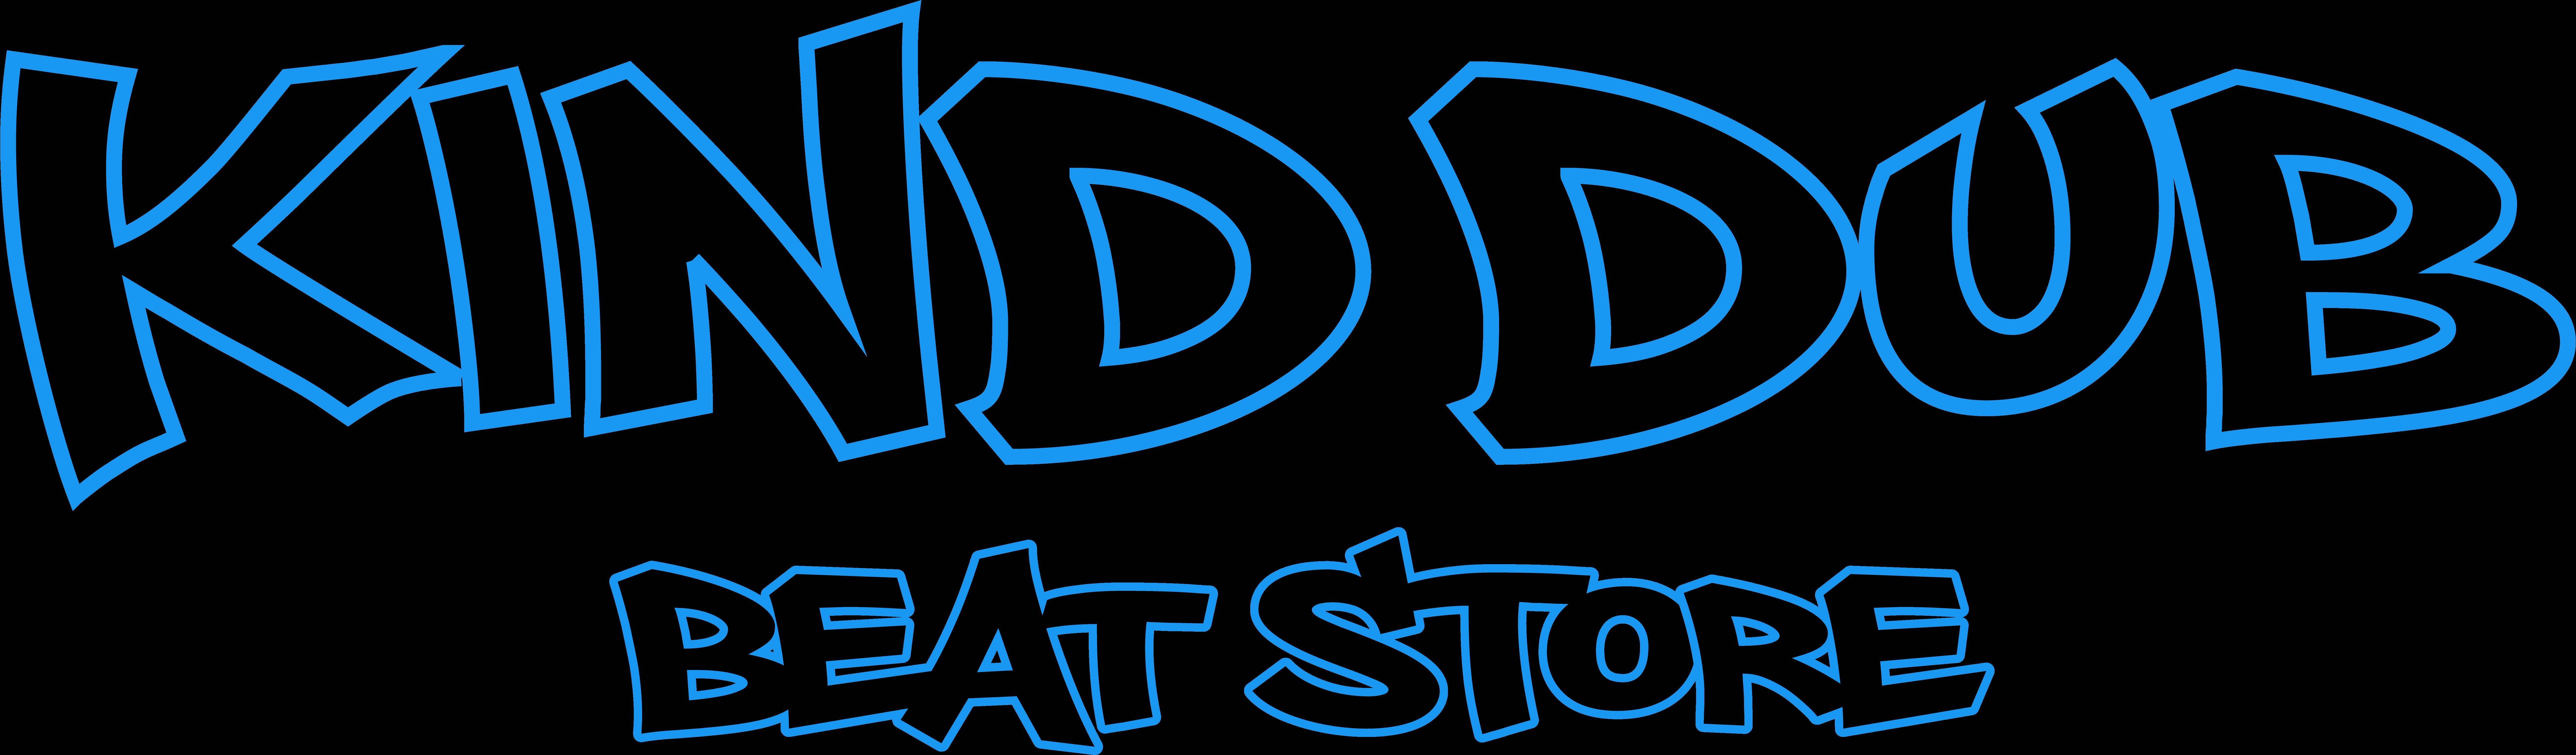 Kind Dub Beat Store Logo 2